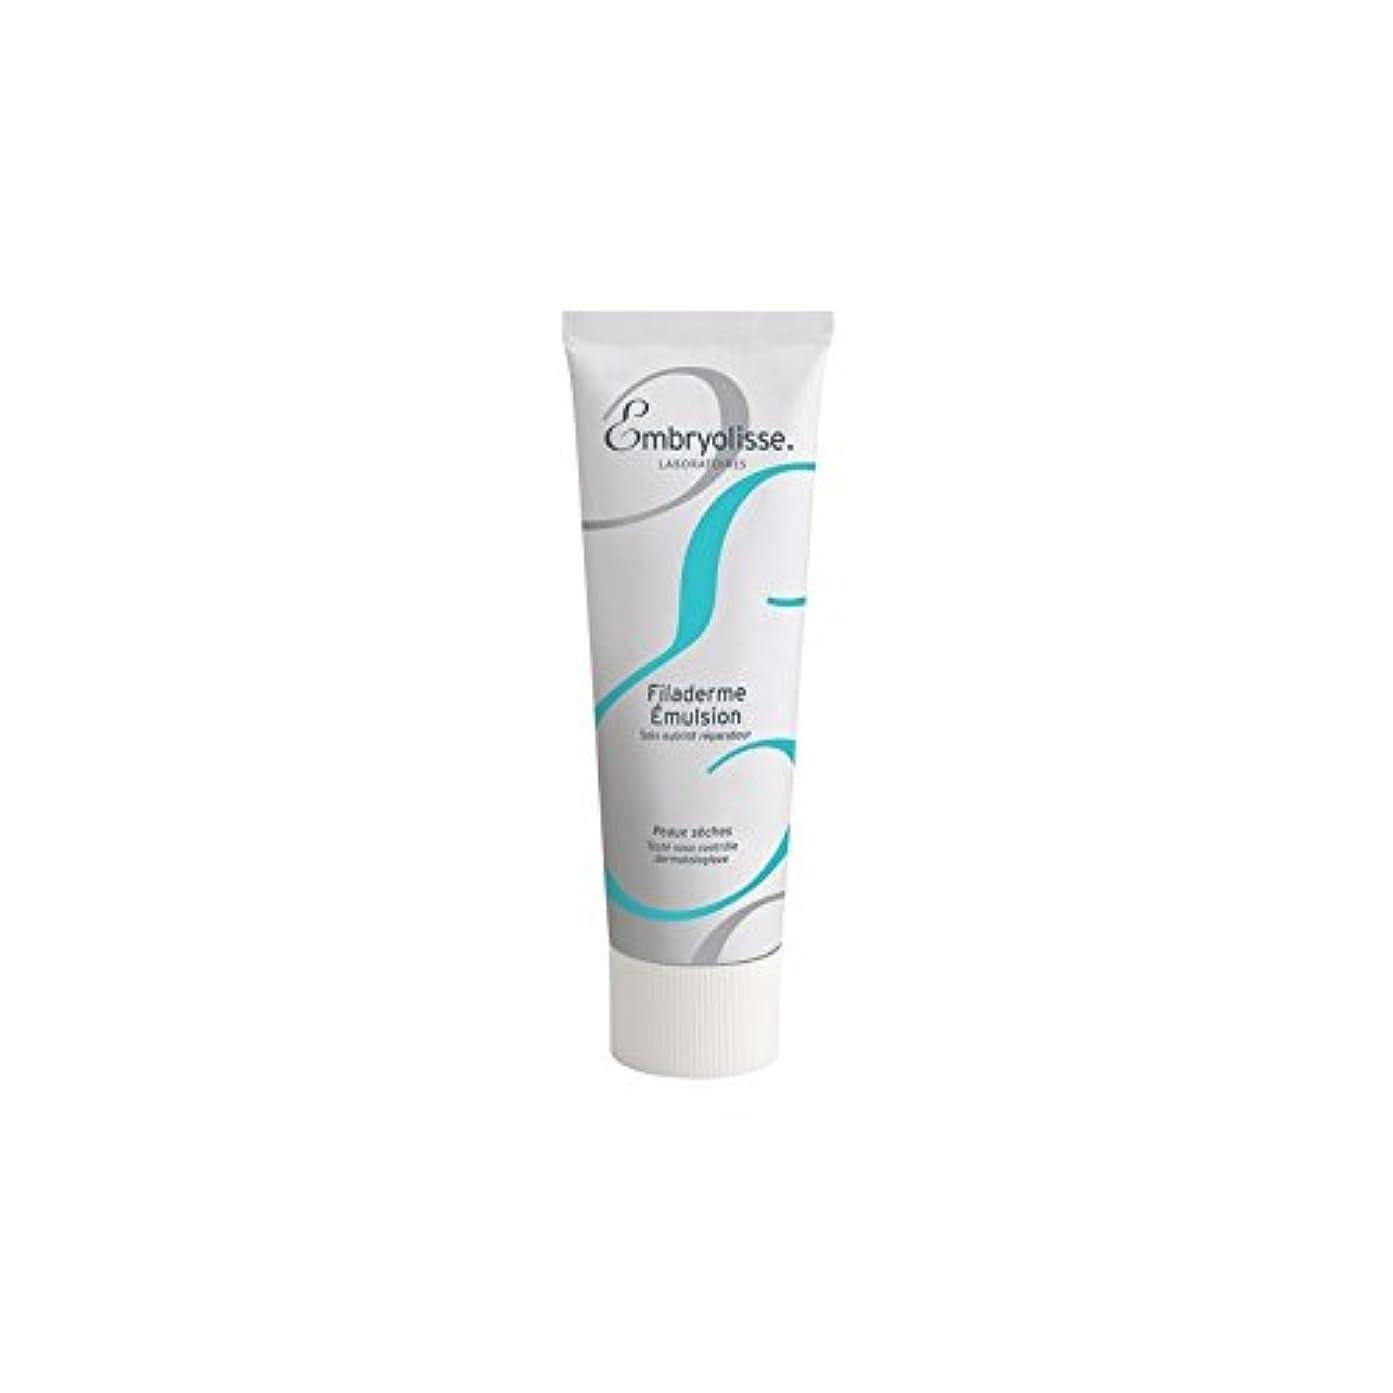 ニンニク放置。Embryolisse Filaderme Emulsion (75ml) - エマルジョン(75ミリリットル) [並行輸入品]